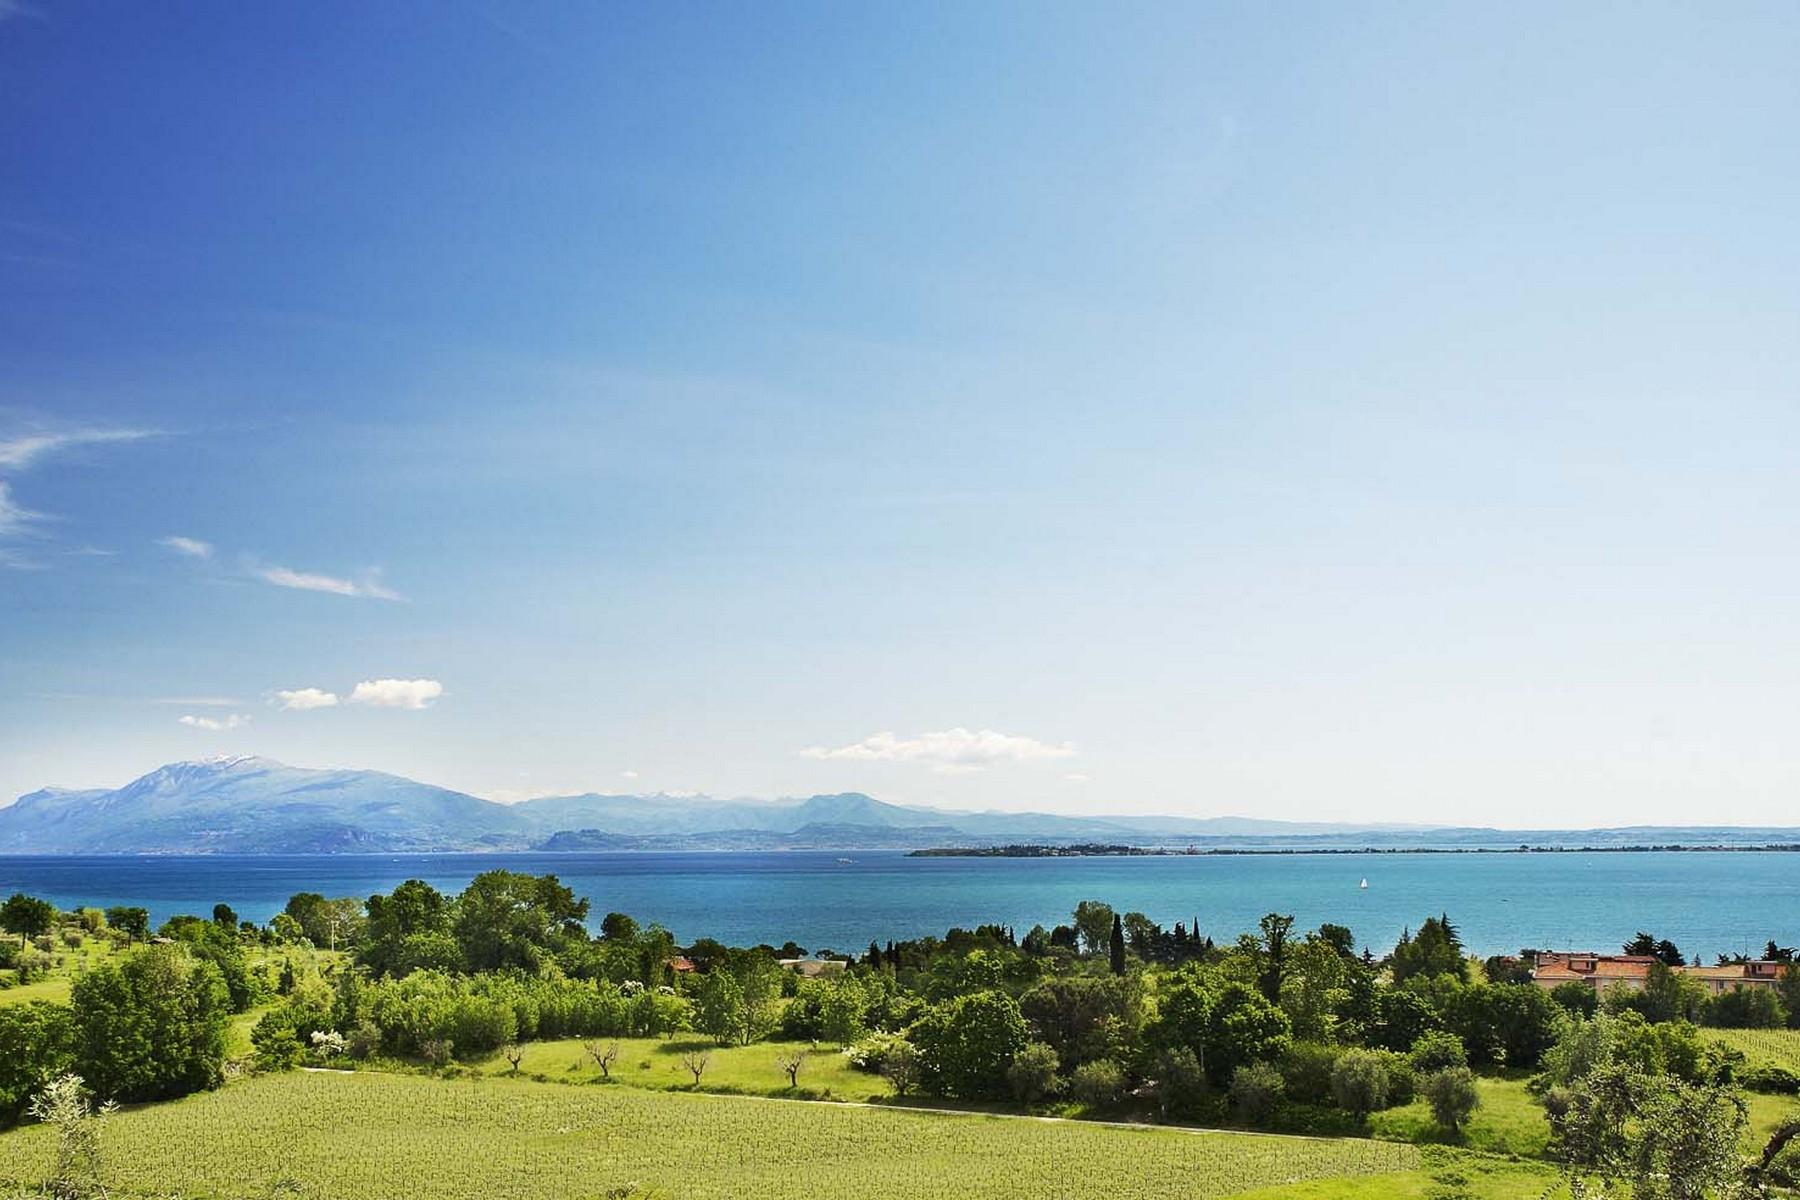 Attico in Vendita a Padenghe Sul Garda: 5 locali, 250 mq - Foto 6